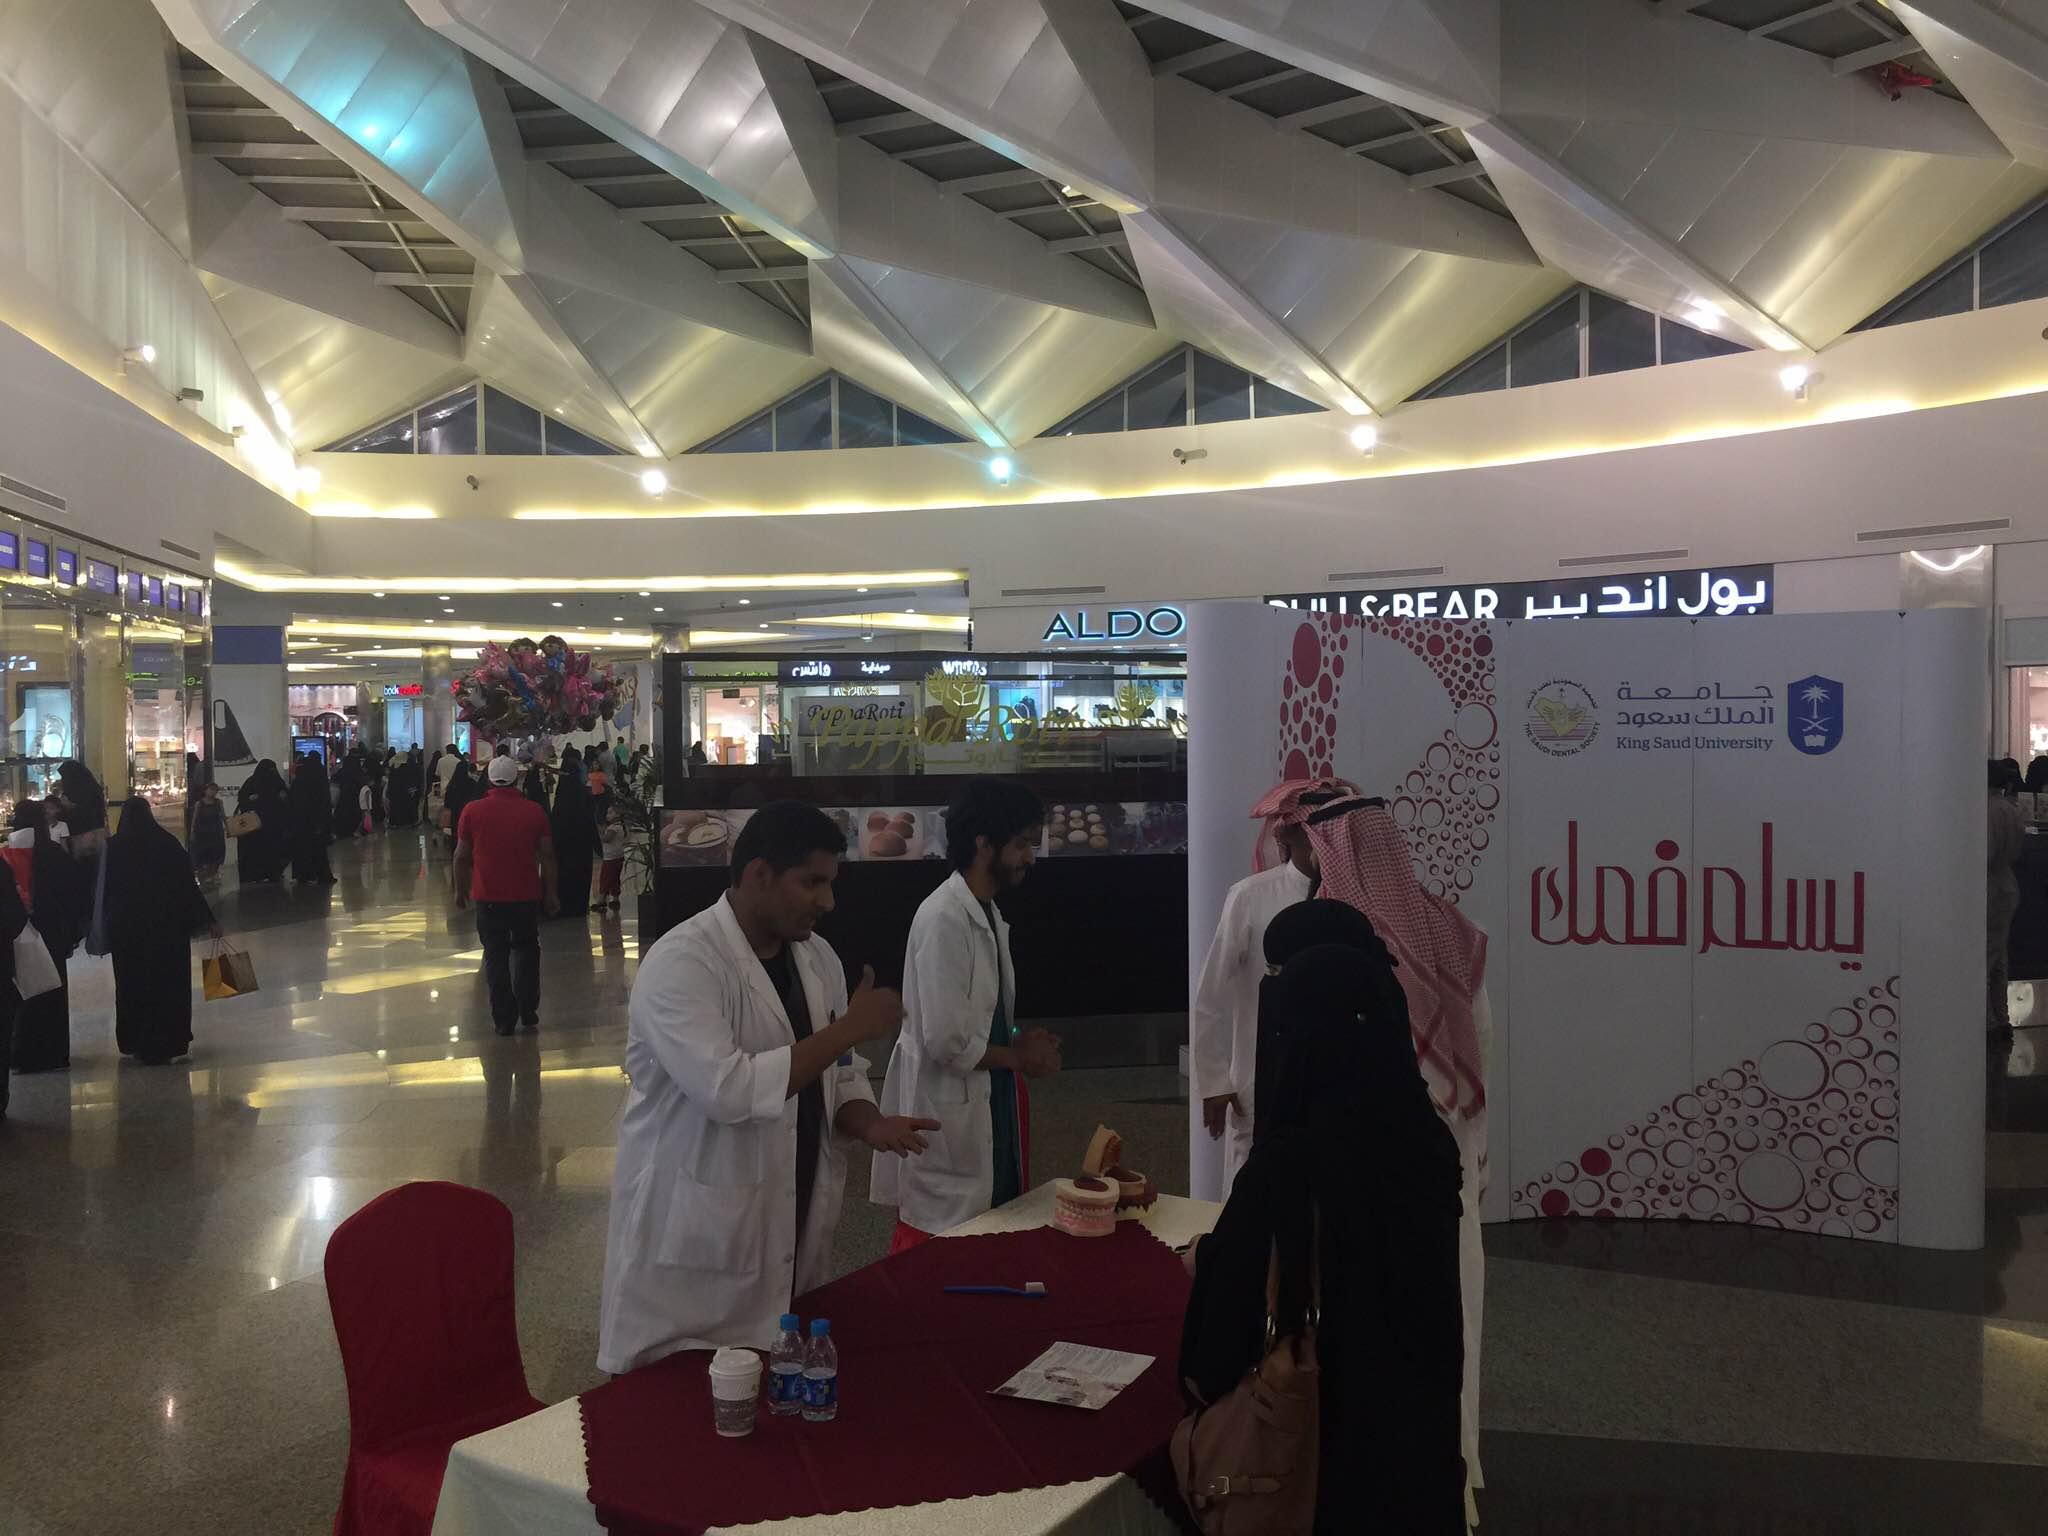 الجمعية السعودية لطب الأسنان تطلق حملتها يسلم فمك لعام 2015م